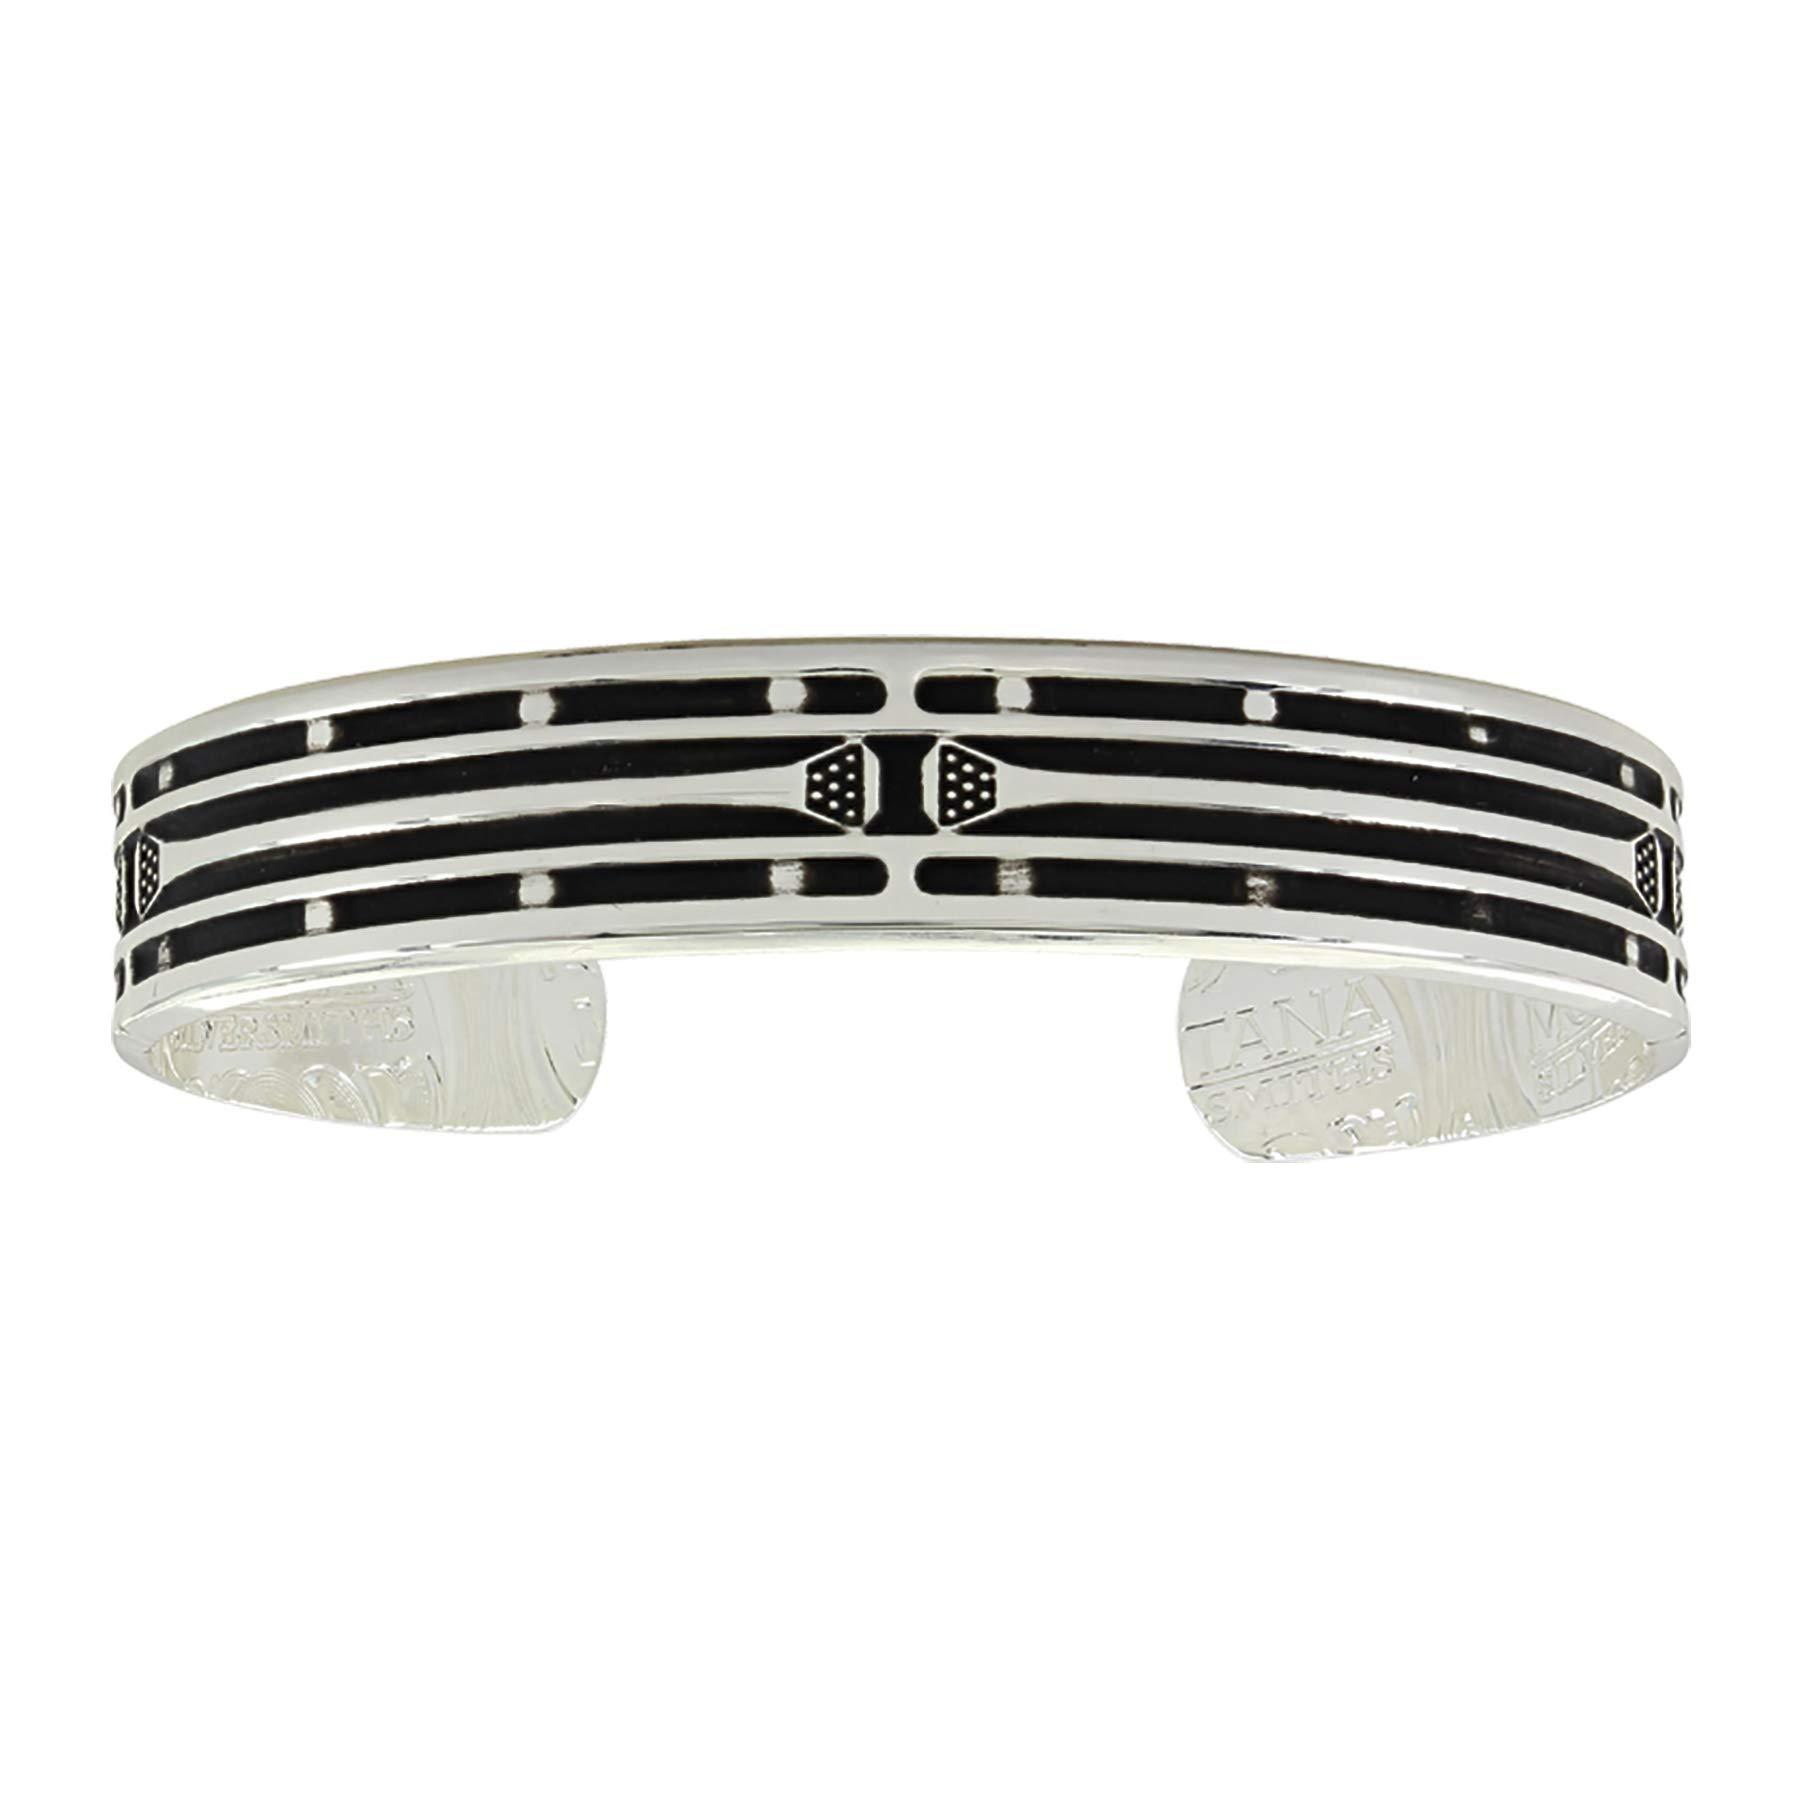 Montana Silversmiths Mirrored Horseshoe Nail Cuff Bracelet